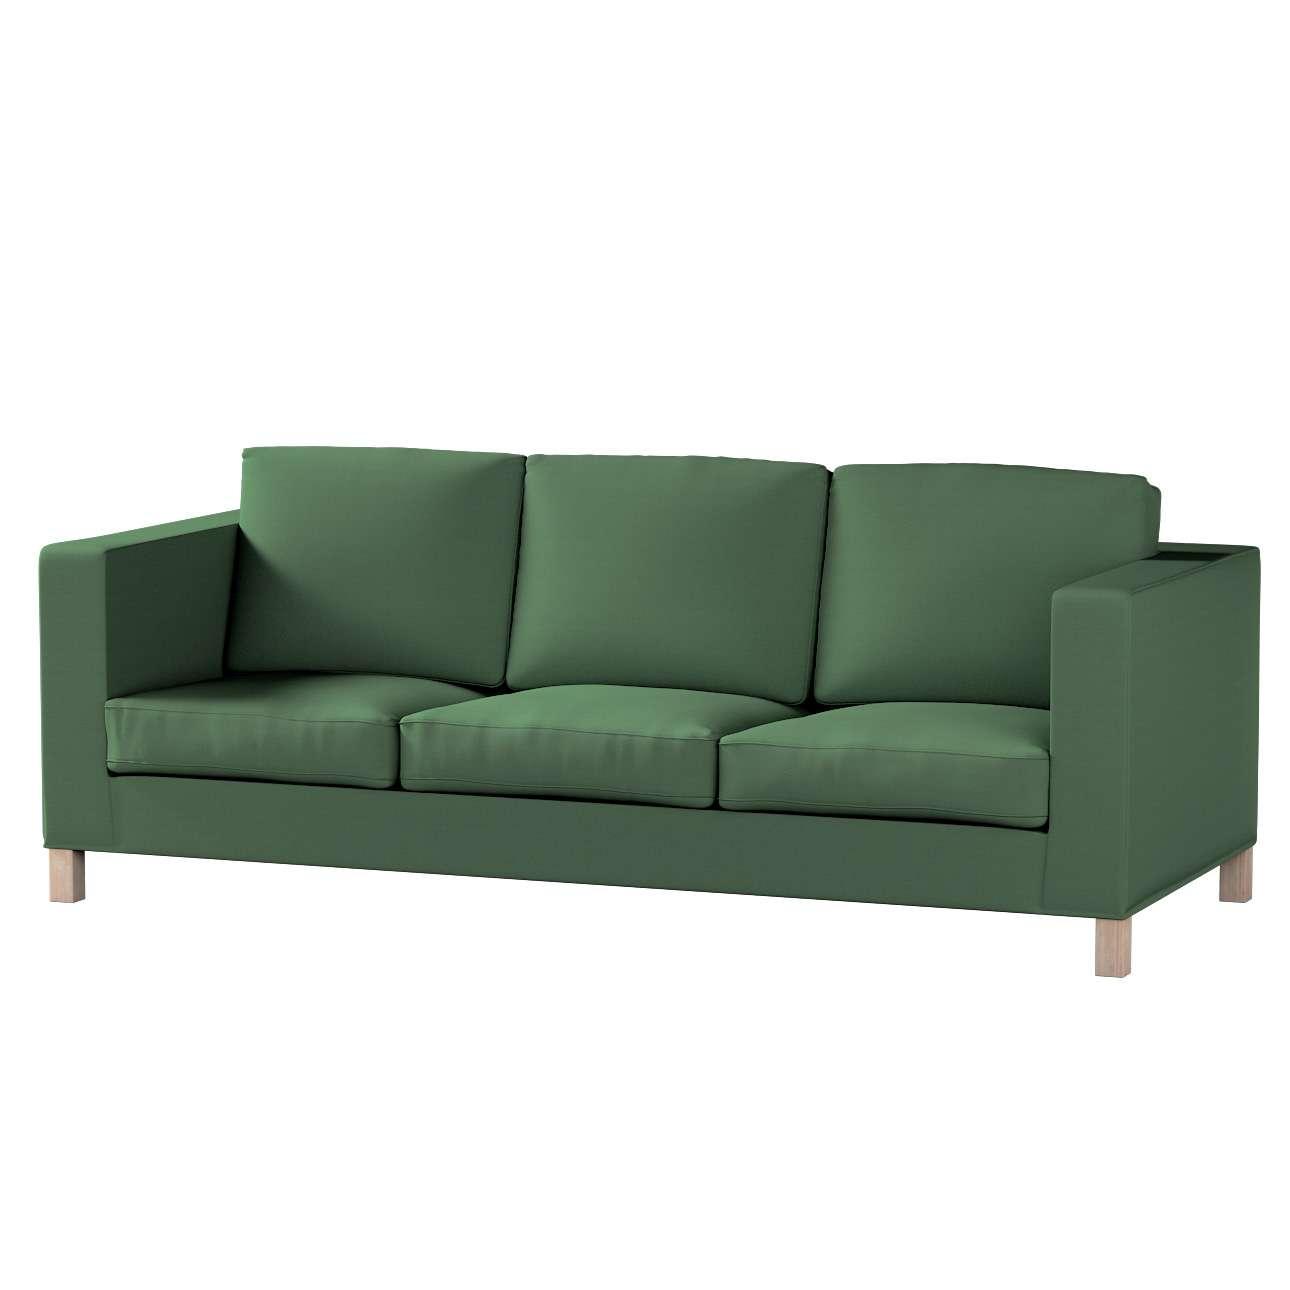 Bezug für Karlanda 3-Sitzer Sofa nicht ausklappbar, kurz von der Kollektion Cotton Panama, Stoff: 702-06